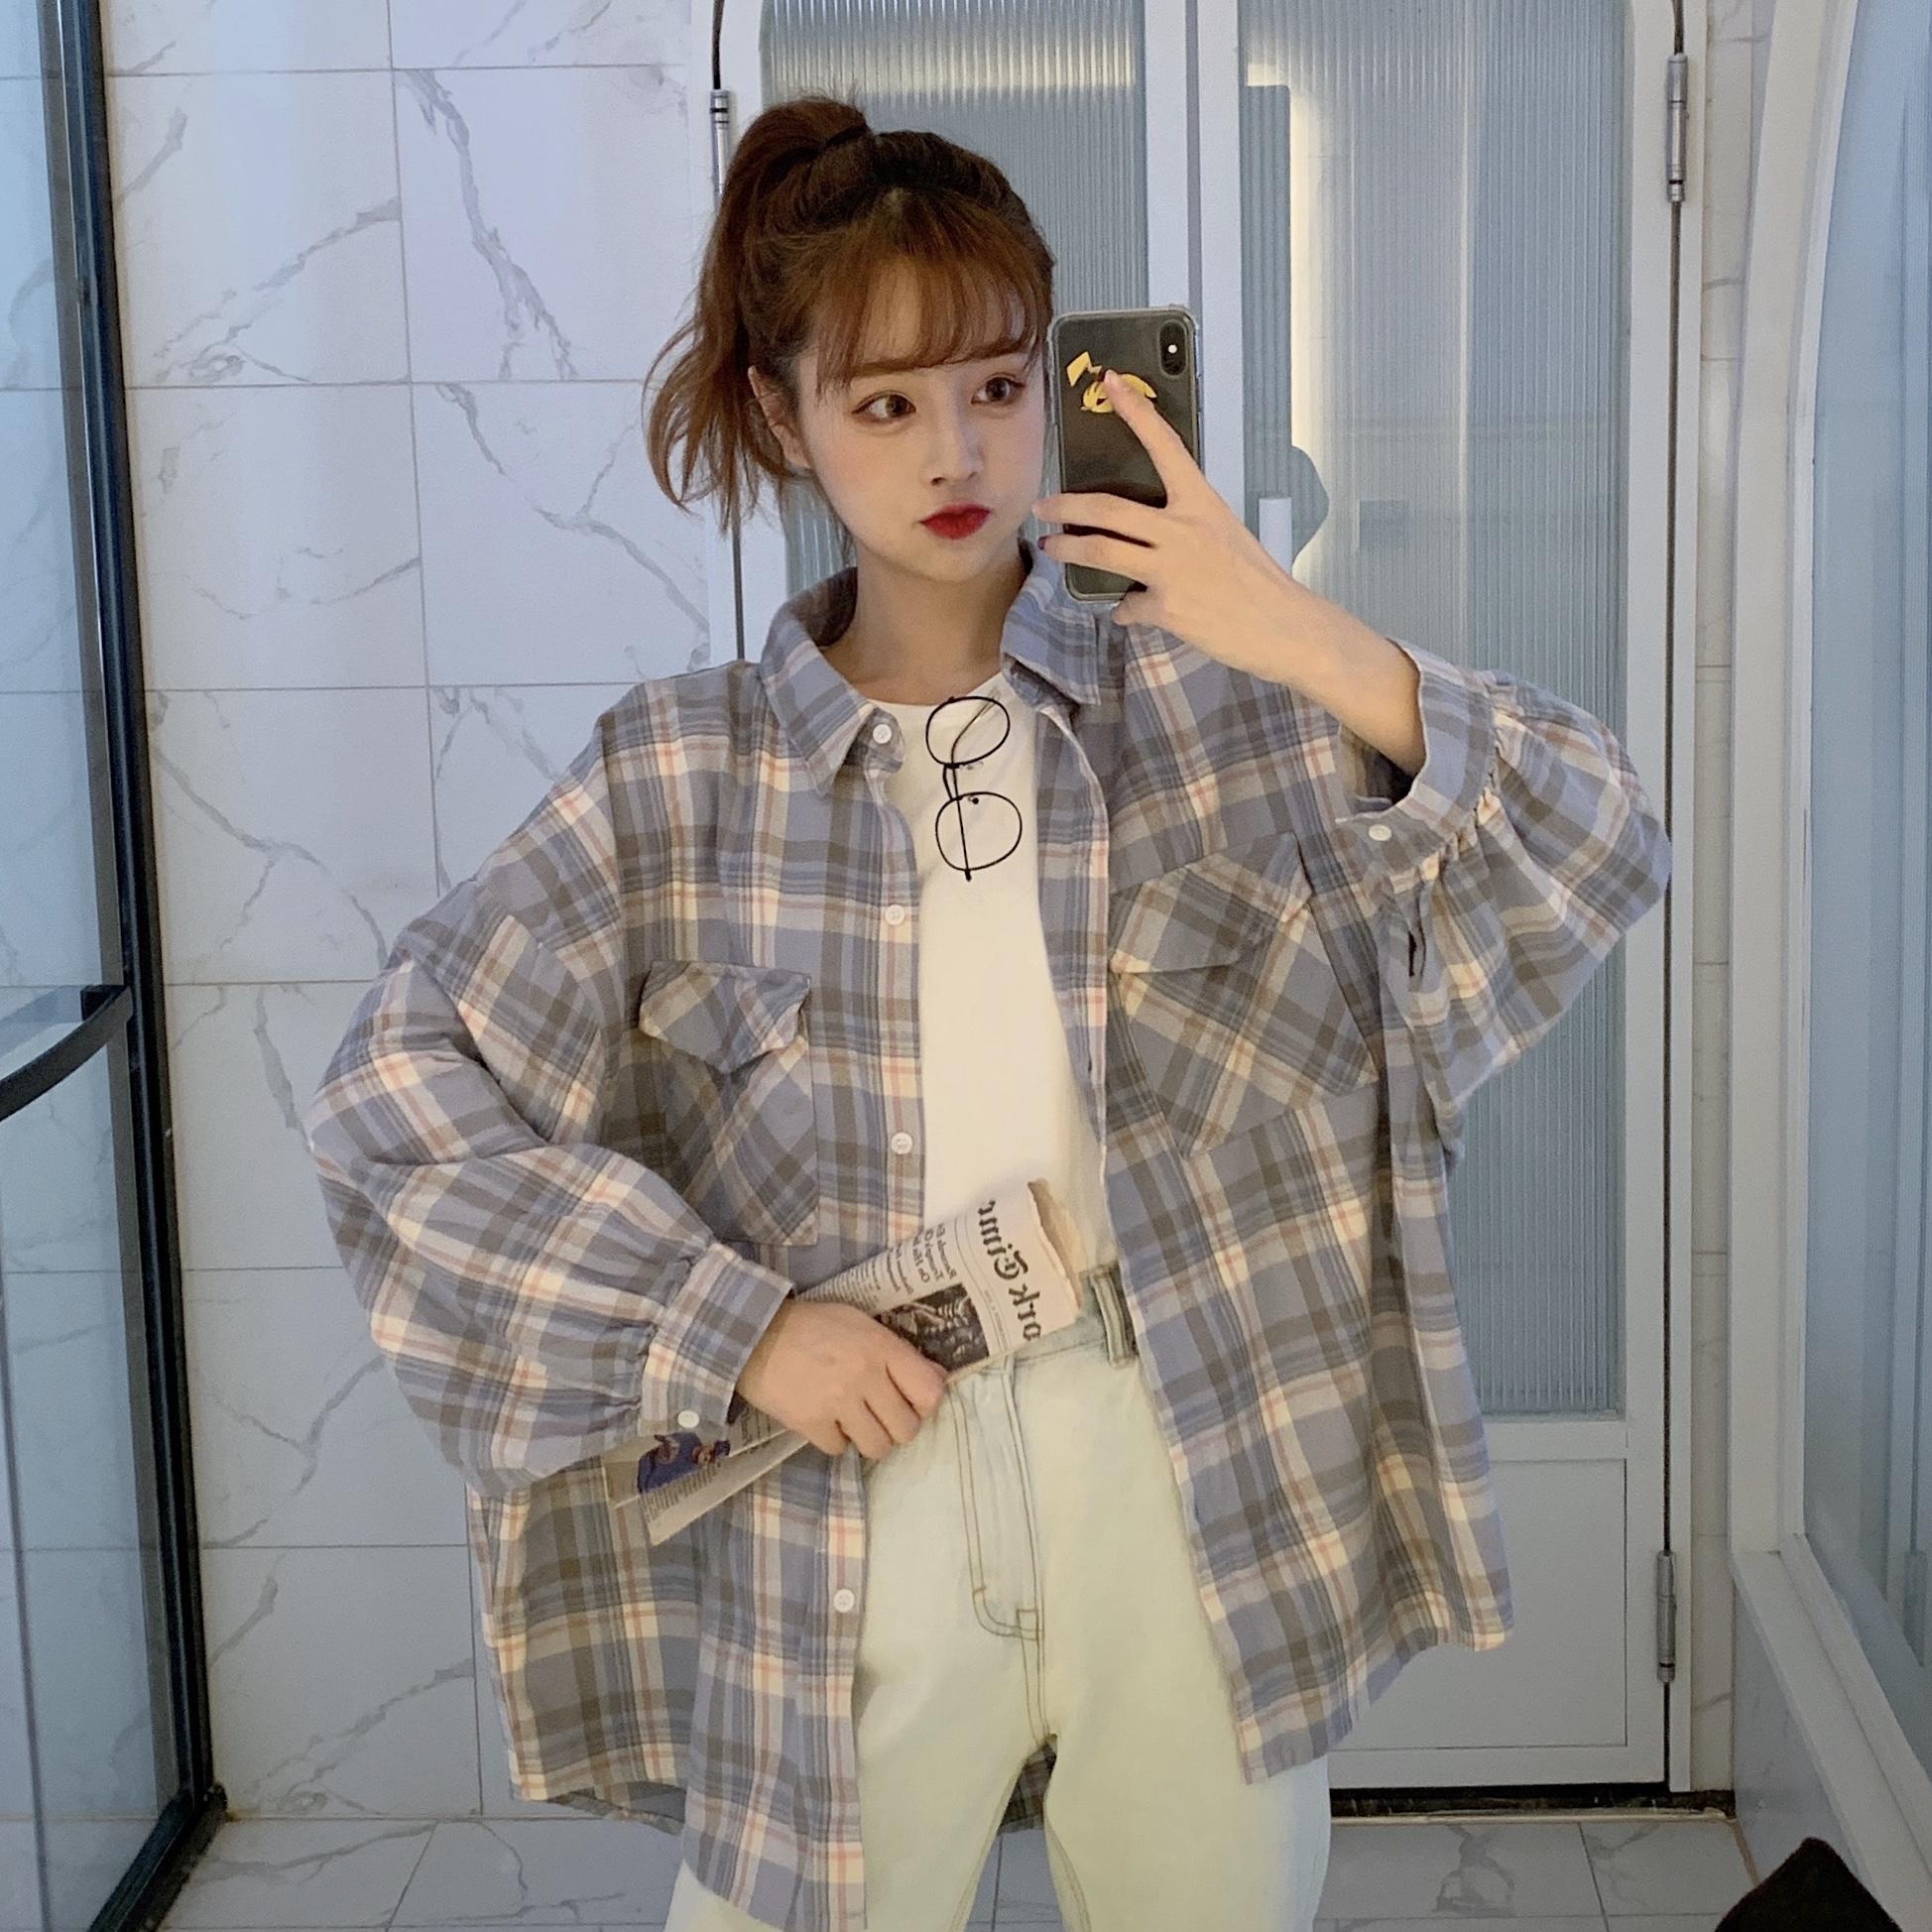 衬衣女设计感小众春秋2019新款韩版宽松长袖格子衬衫百搭外套上衣